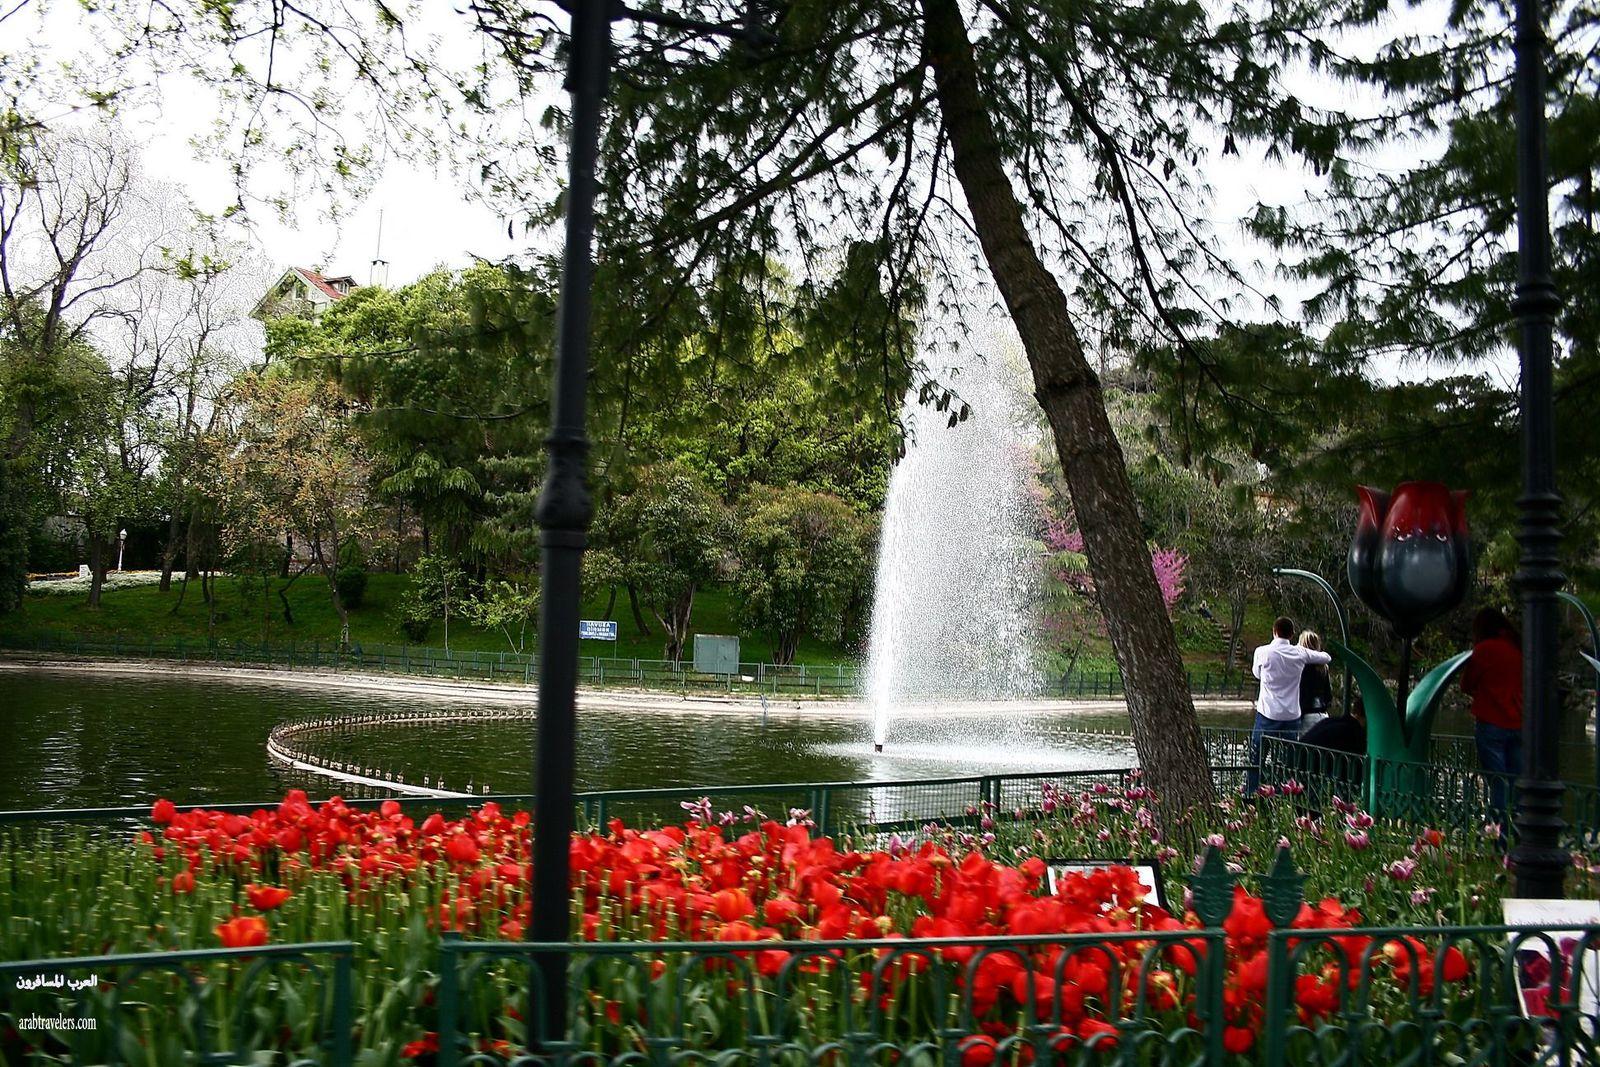 411081 المسافرون العرب اجمل صور حدائق تركيا